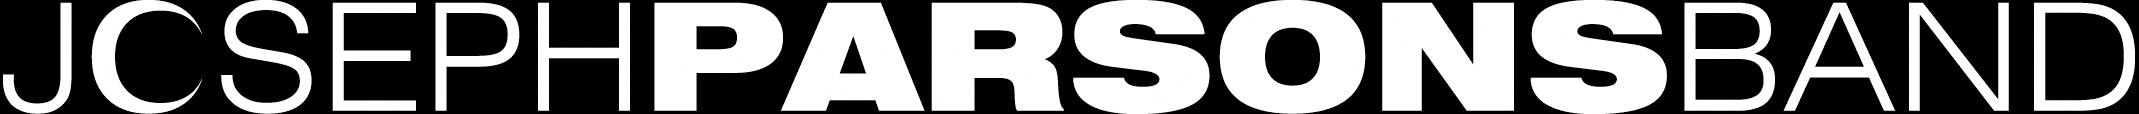 JPB-Logo-White-Trans-80%.png